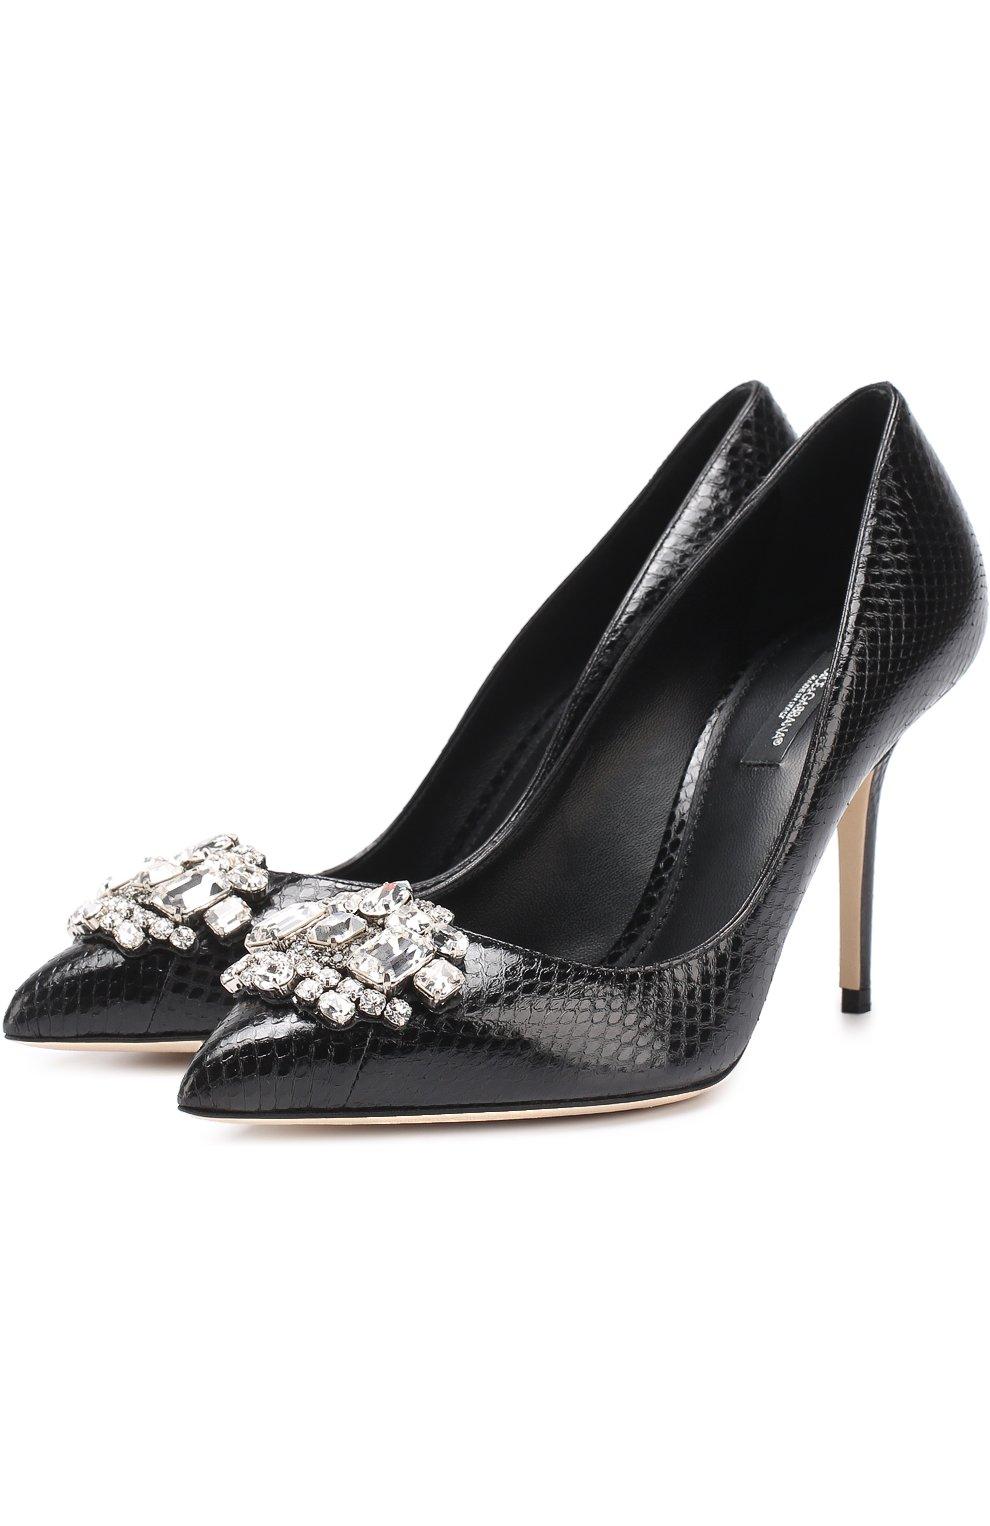 Кожаные туфли Bellucci с тиснением и брошью   Фото №1